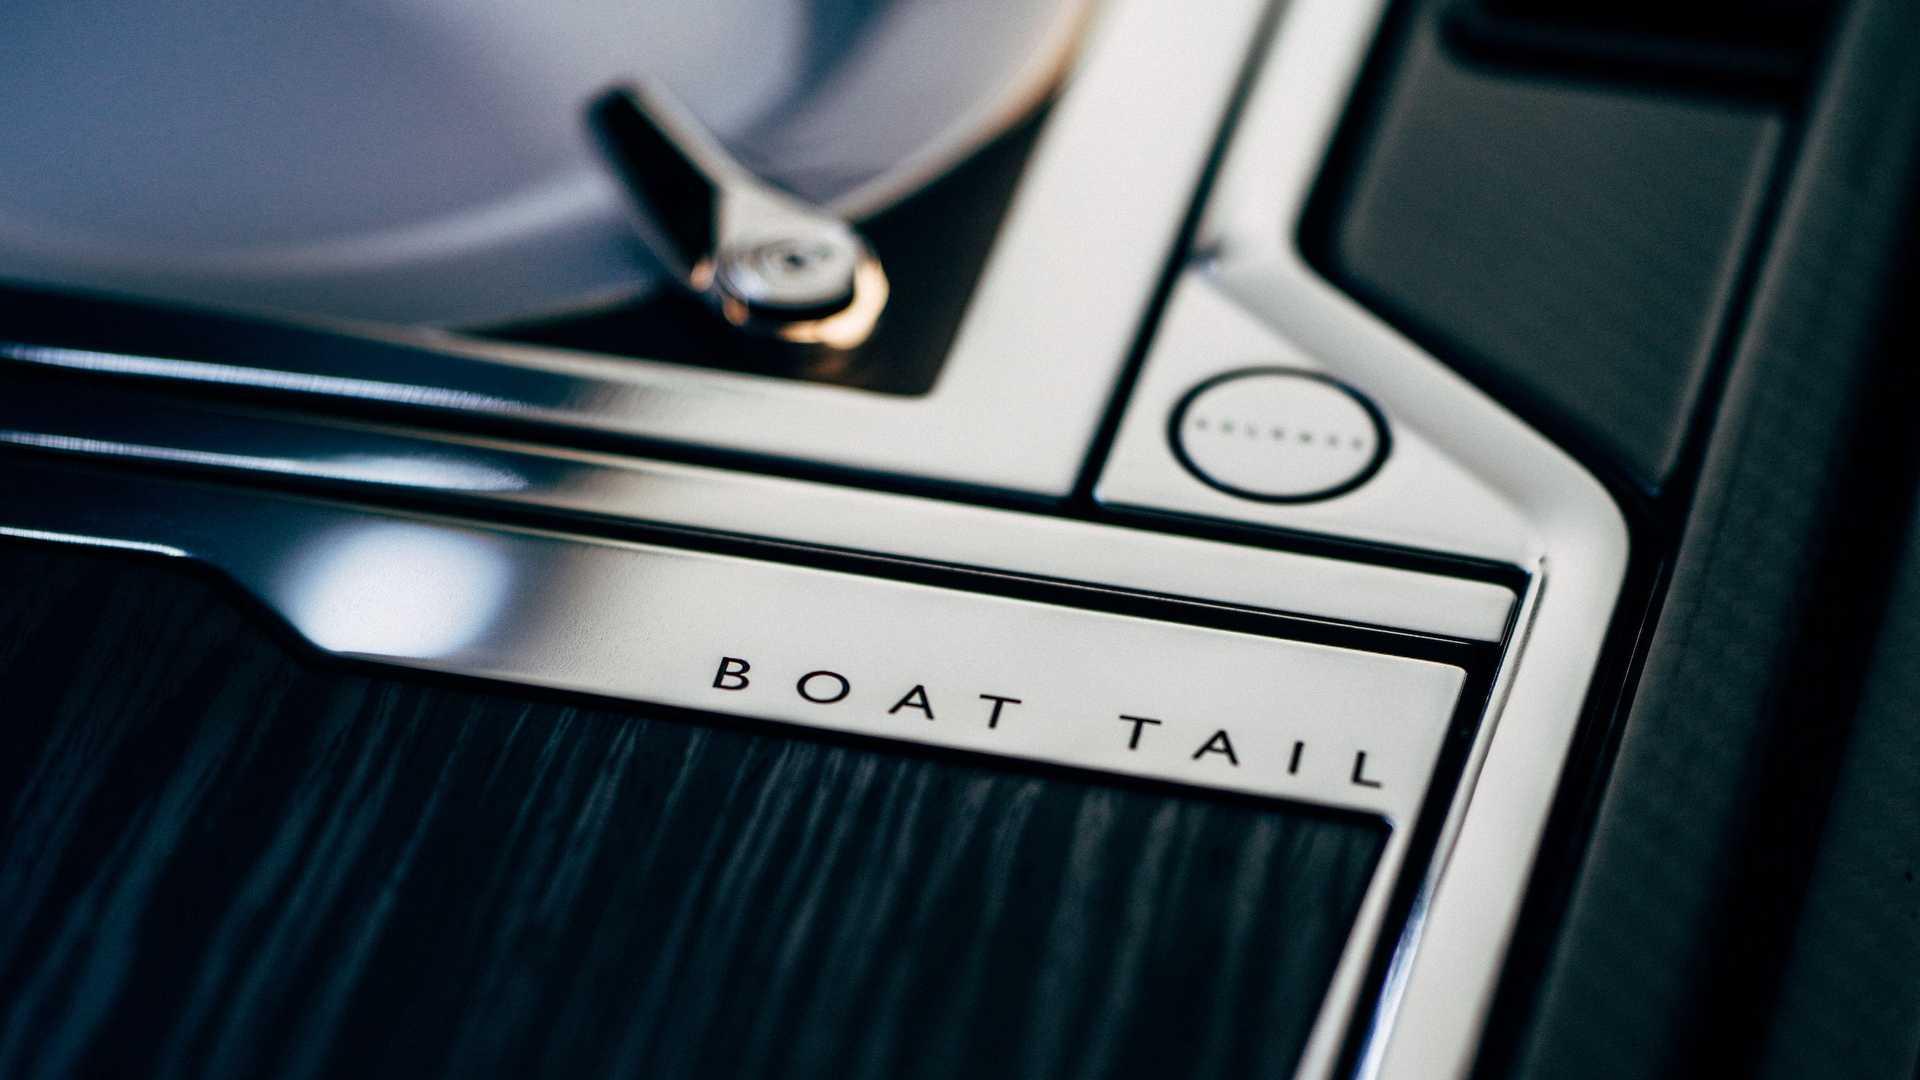 rolls-royce-boat-tail (34)